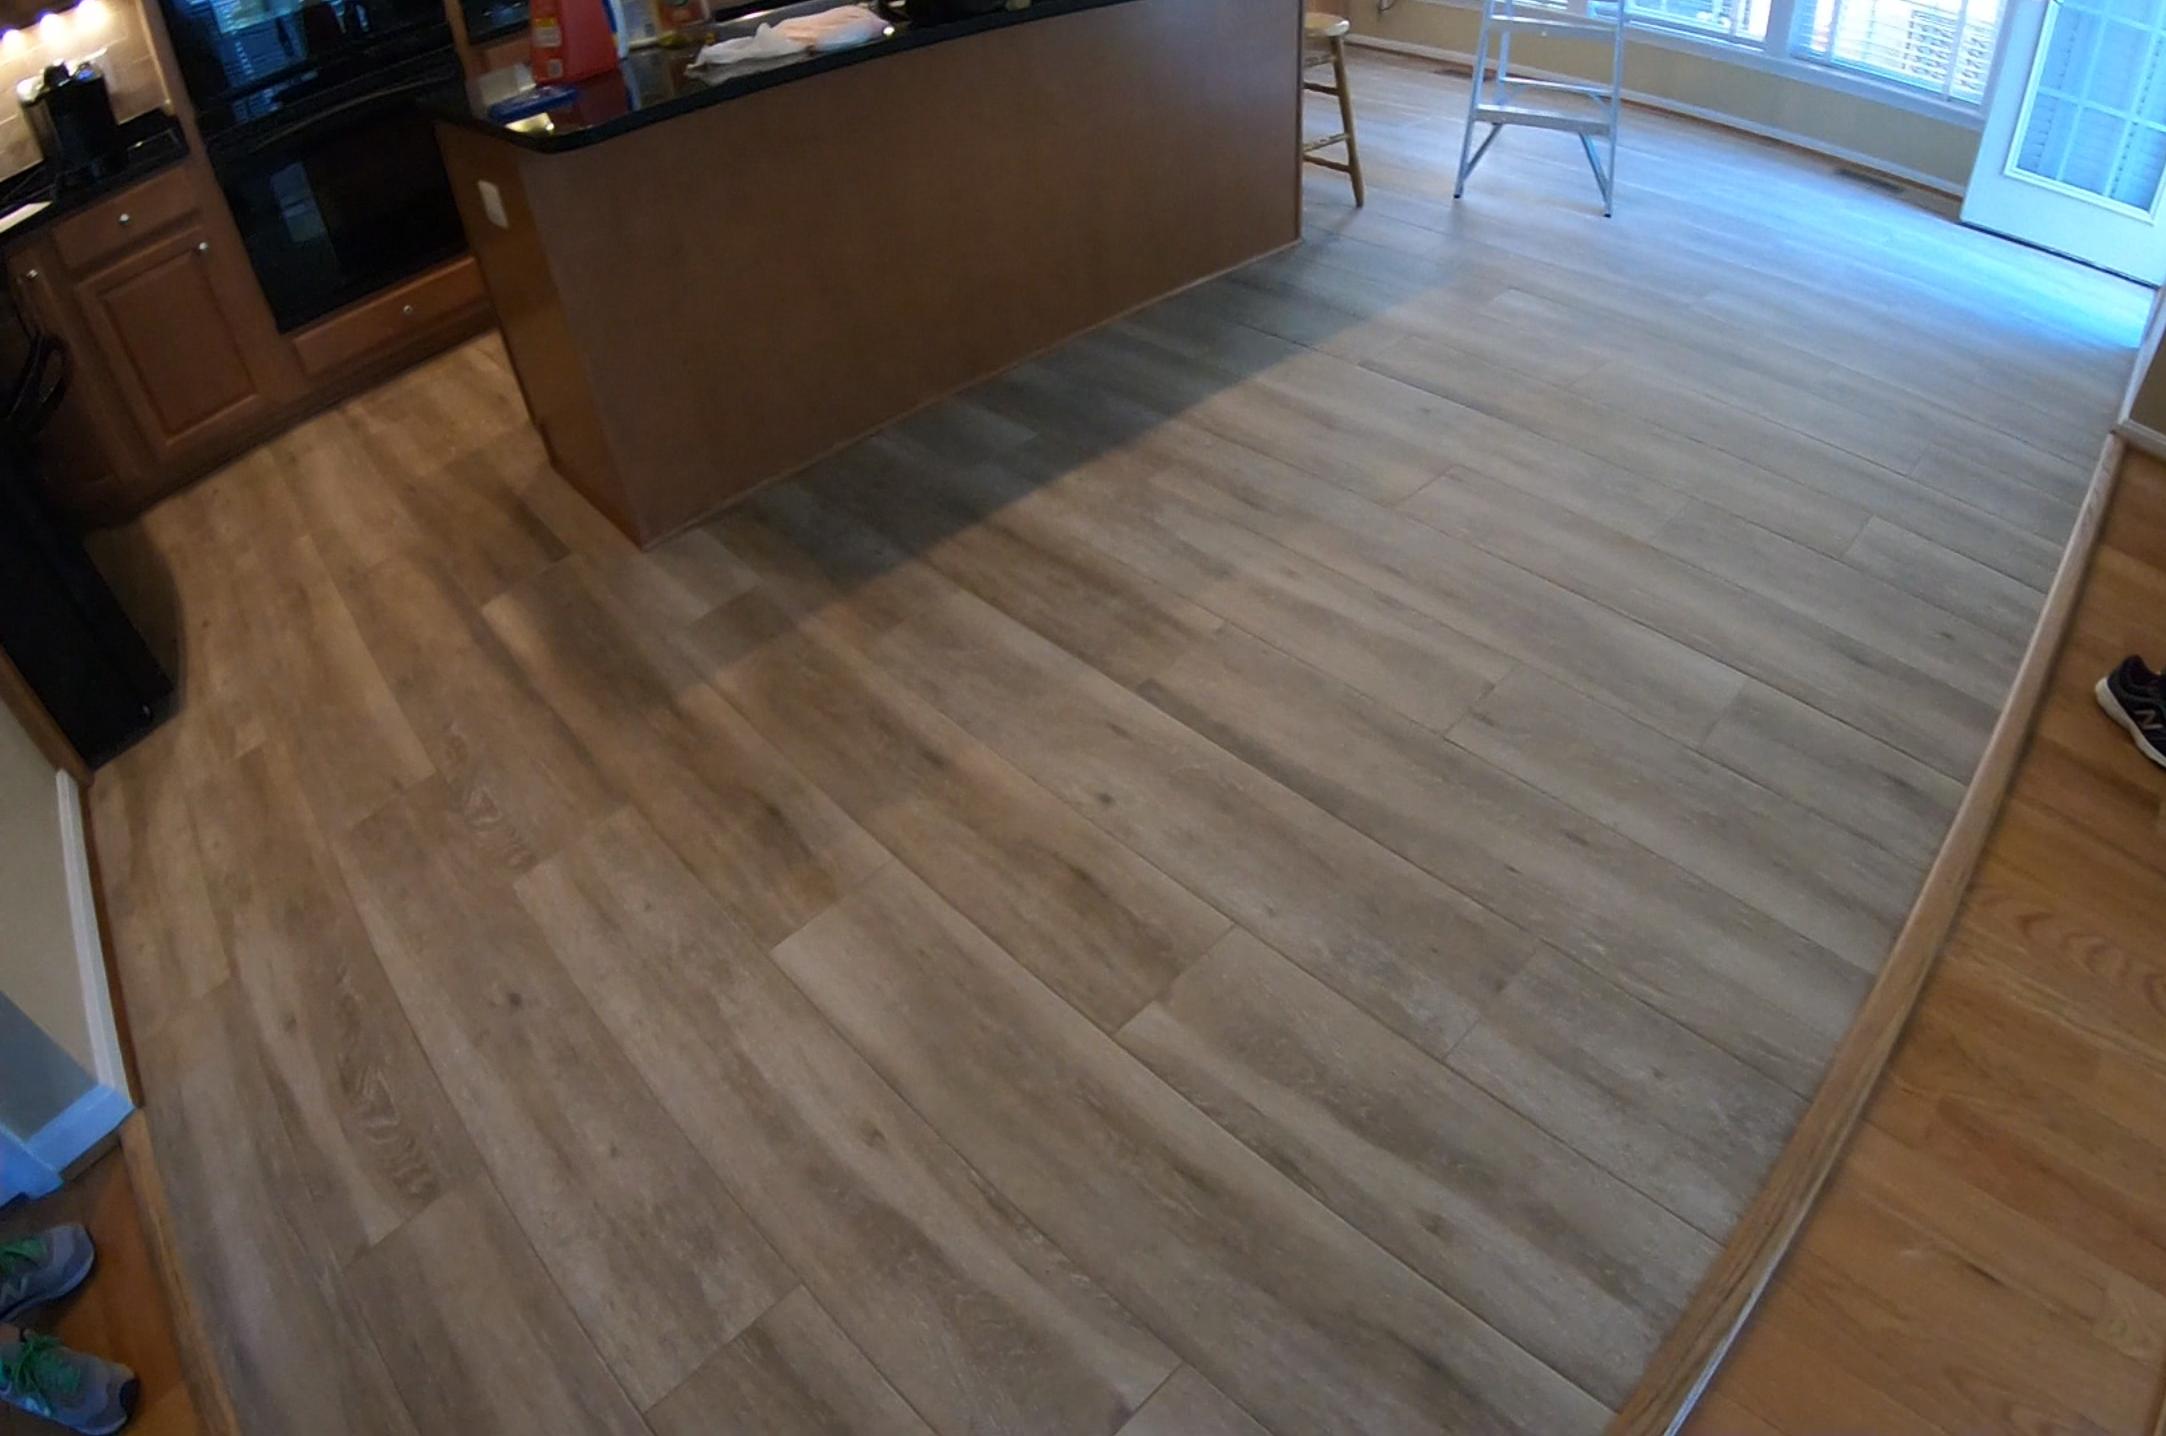 herndon kitchen tile floor after.png